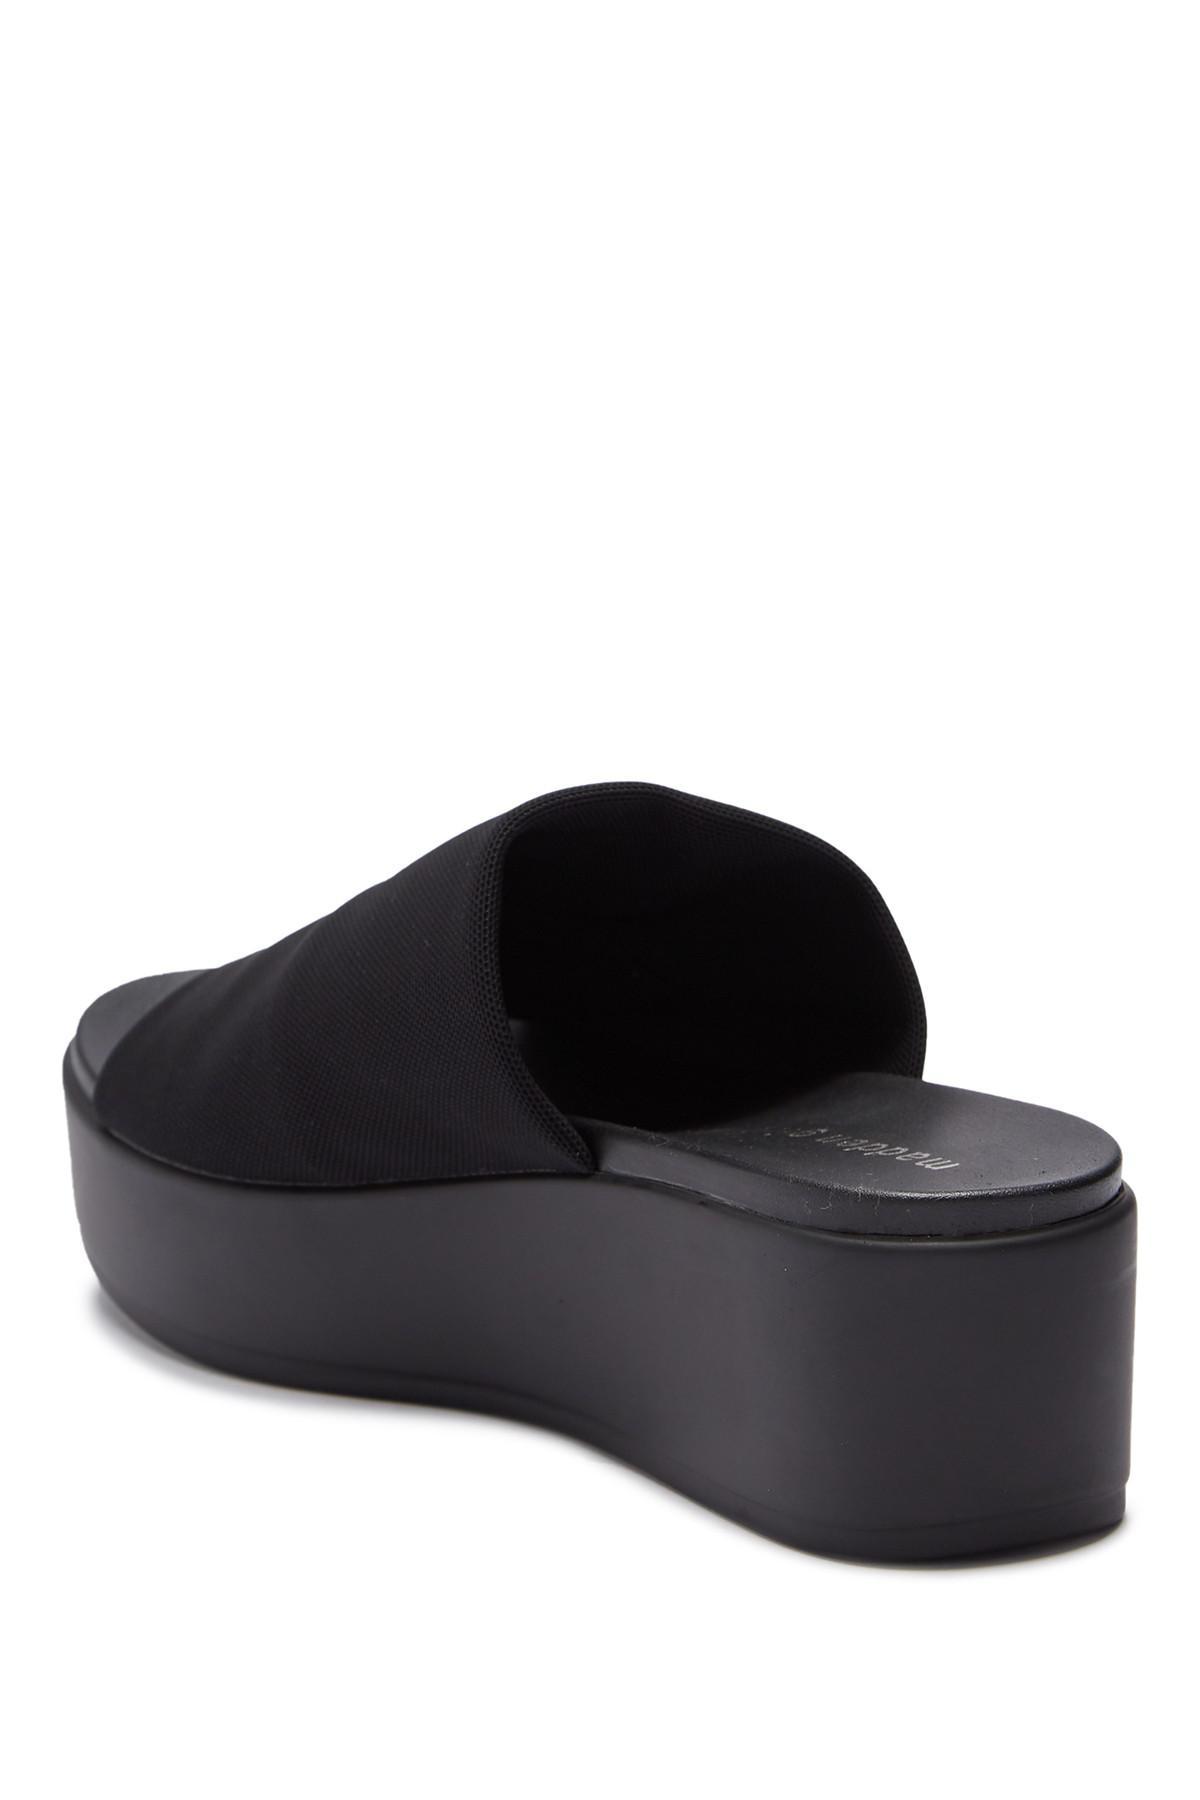 Madden Girl Shelbie Wedge Sandal in